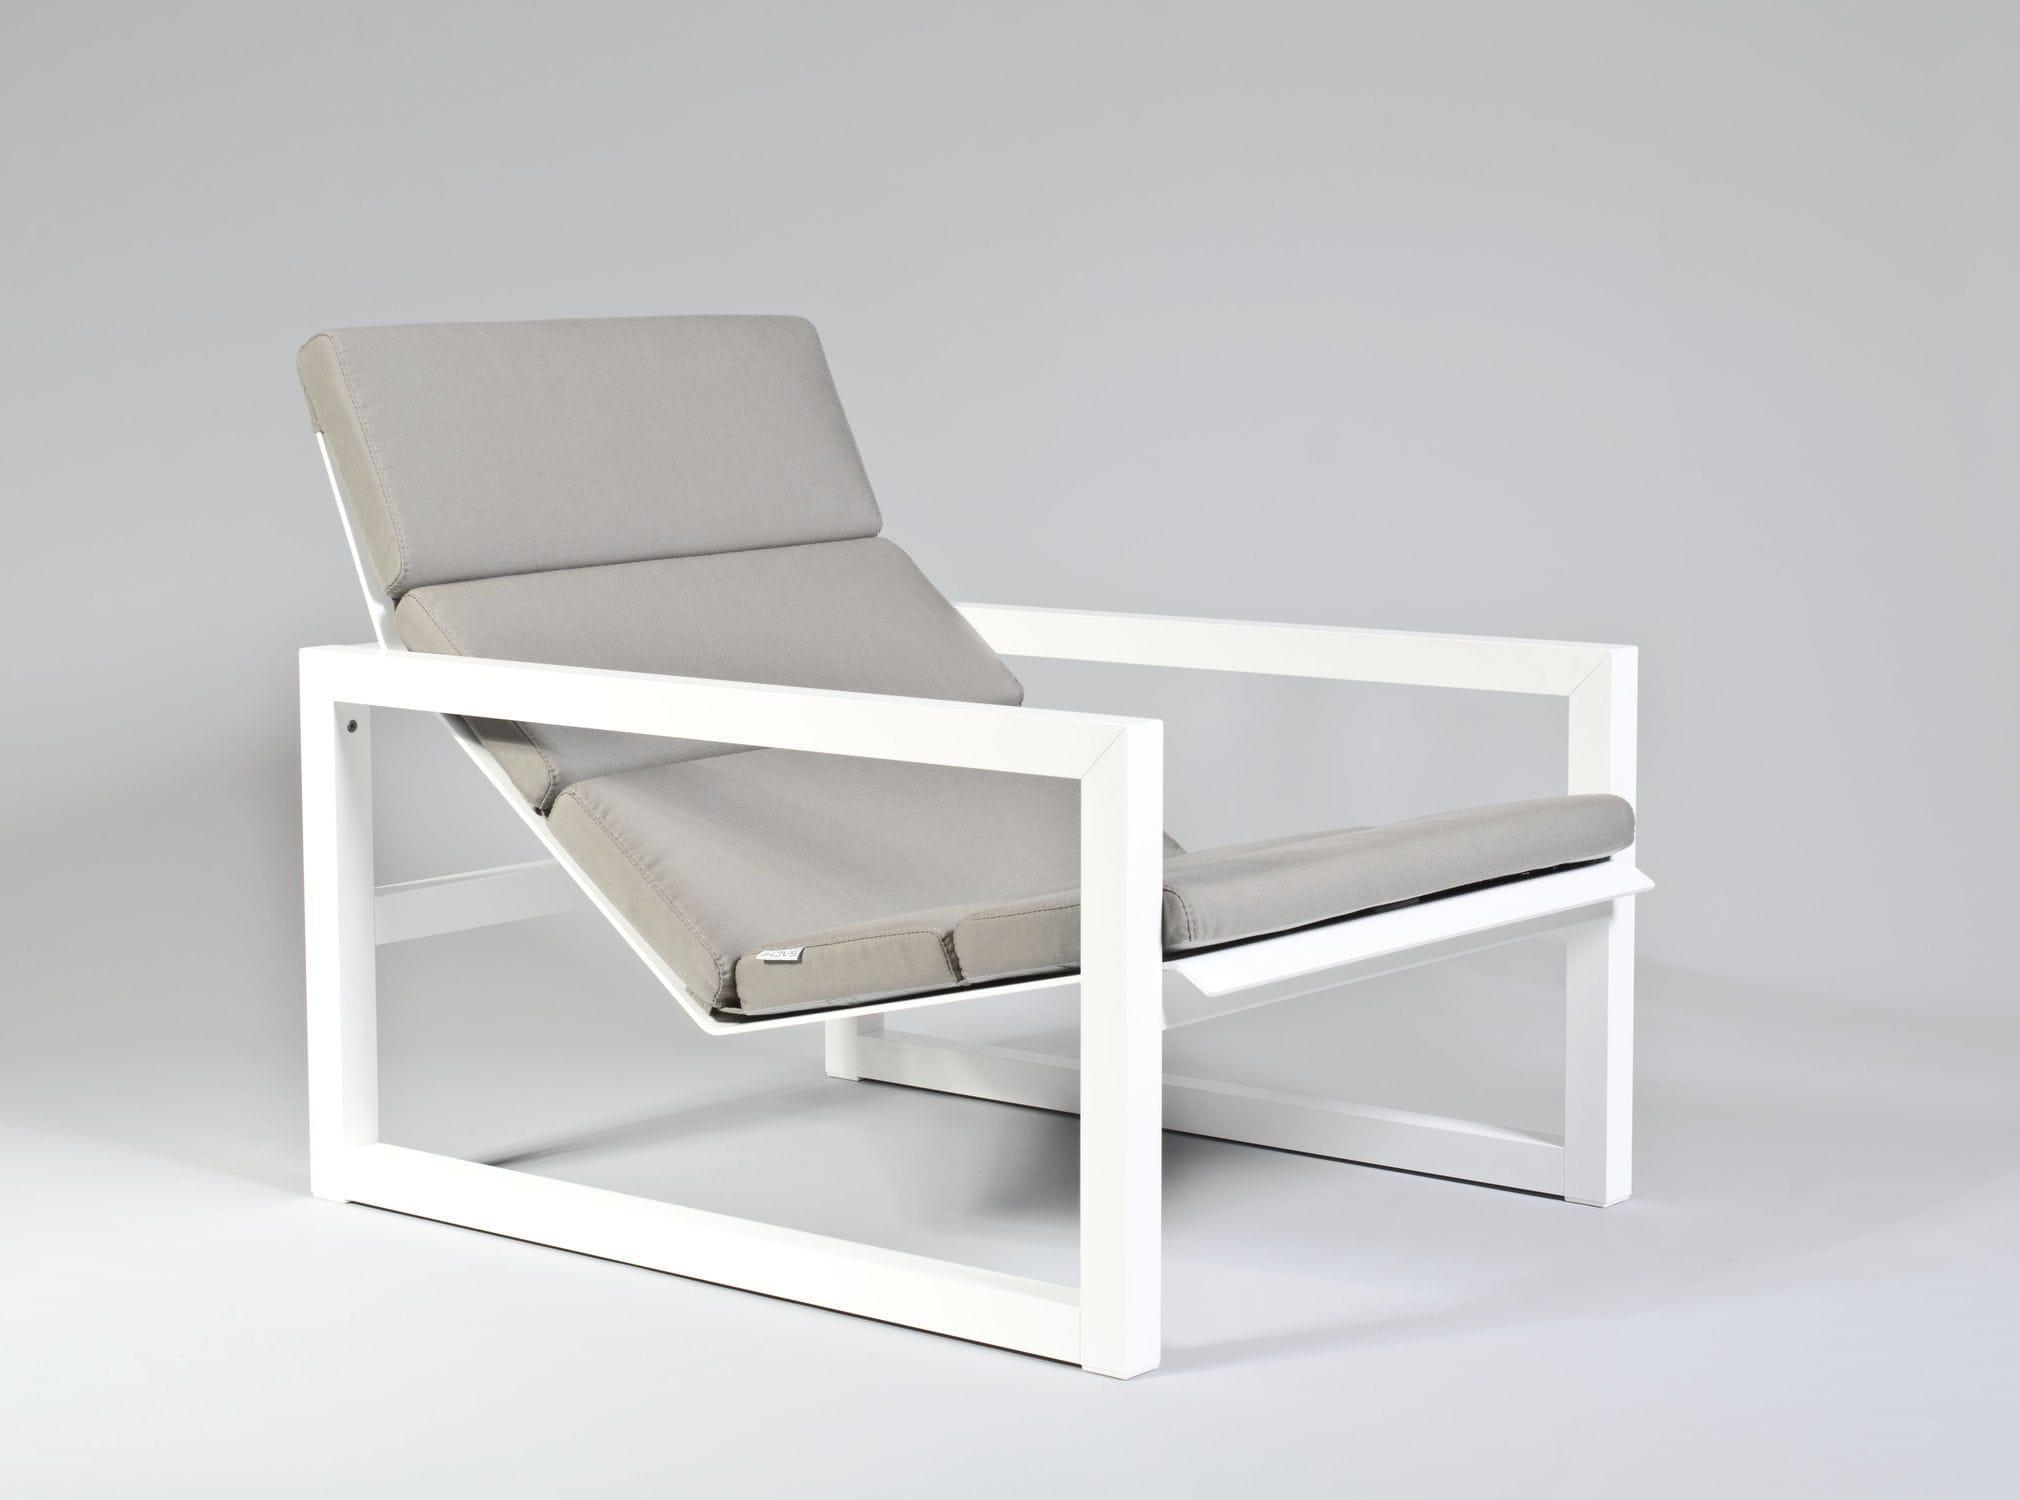 Sachi Chair